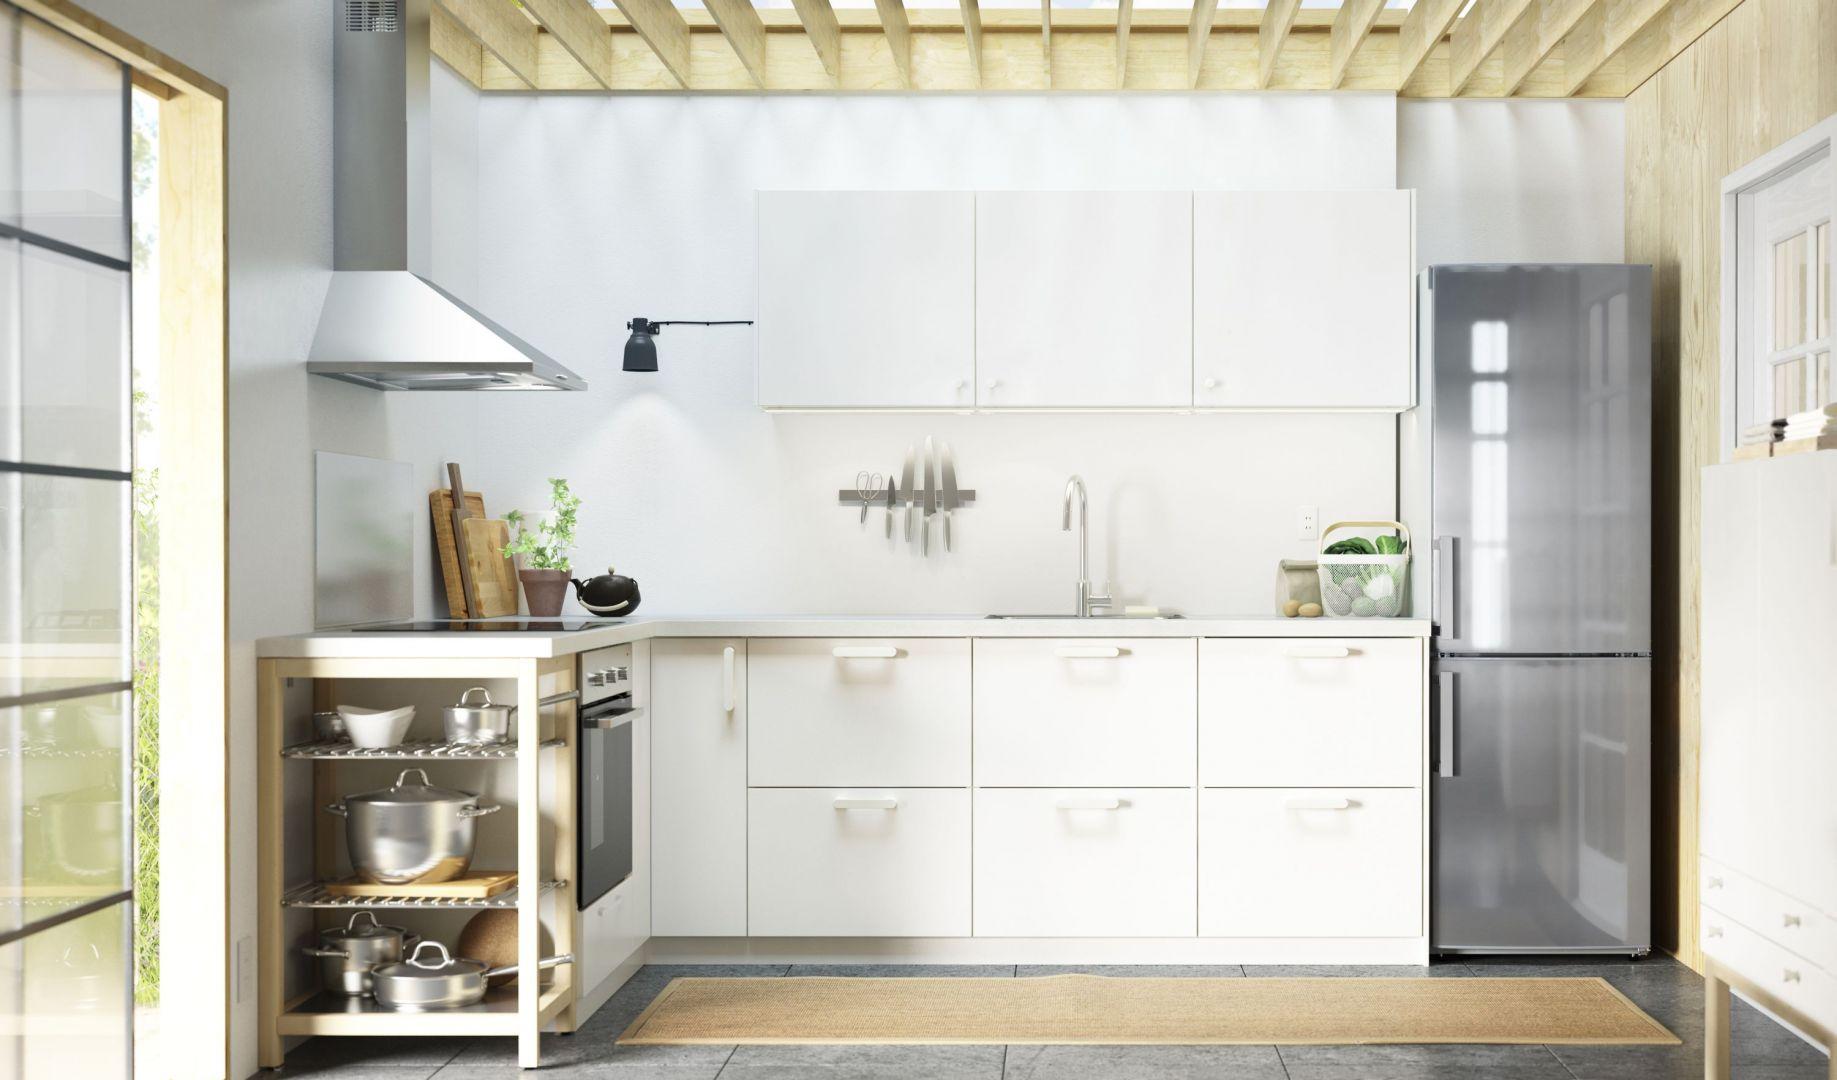 Kuchnie Metod są niedrogie i oferują szeroką gamę szafek w gotowych rozmiarach. Dzięki temu każdy wybierze coś odpowiedniego dla siebie. Fot. IKEA